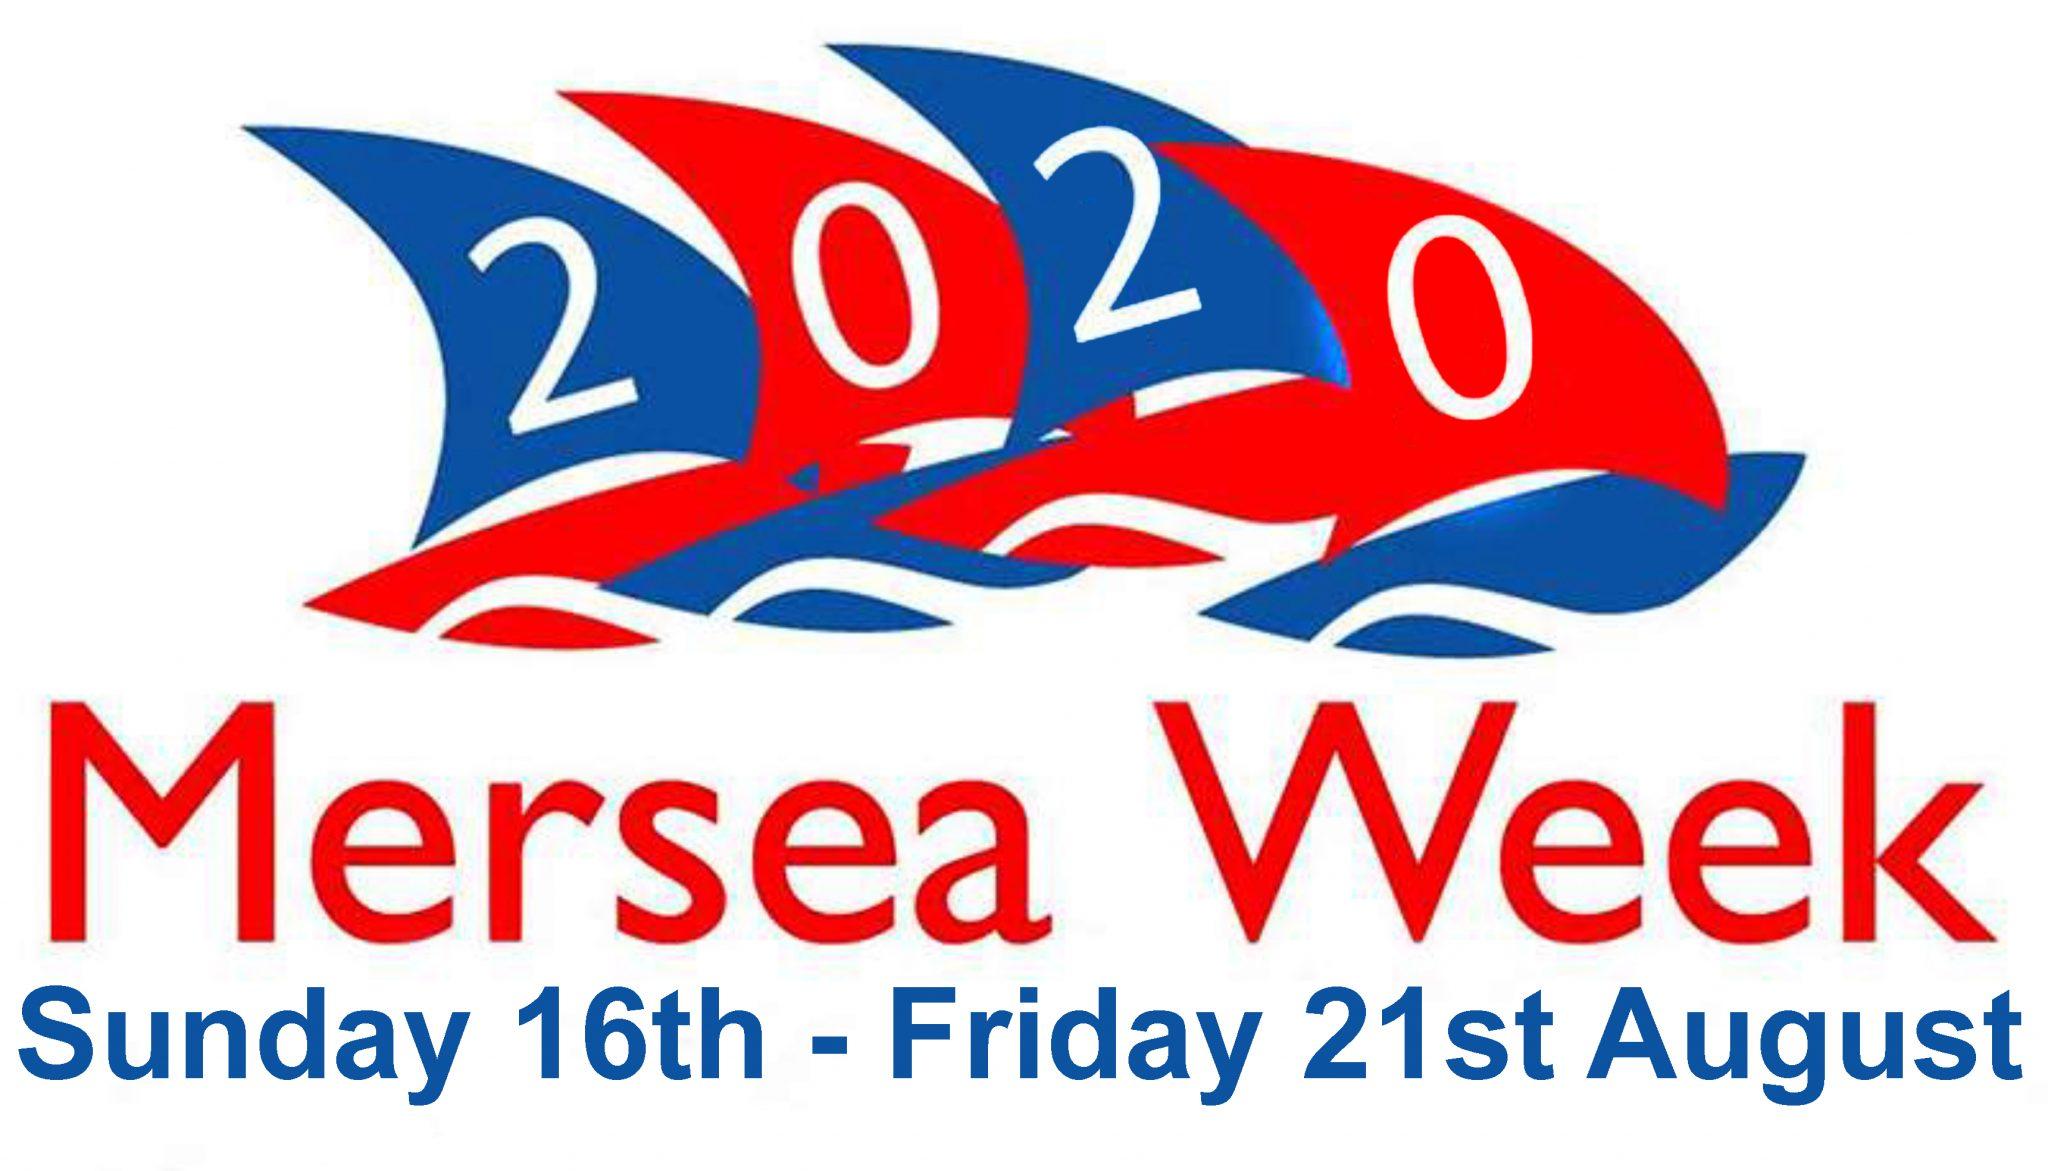 Mersea Week 2020